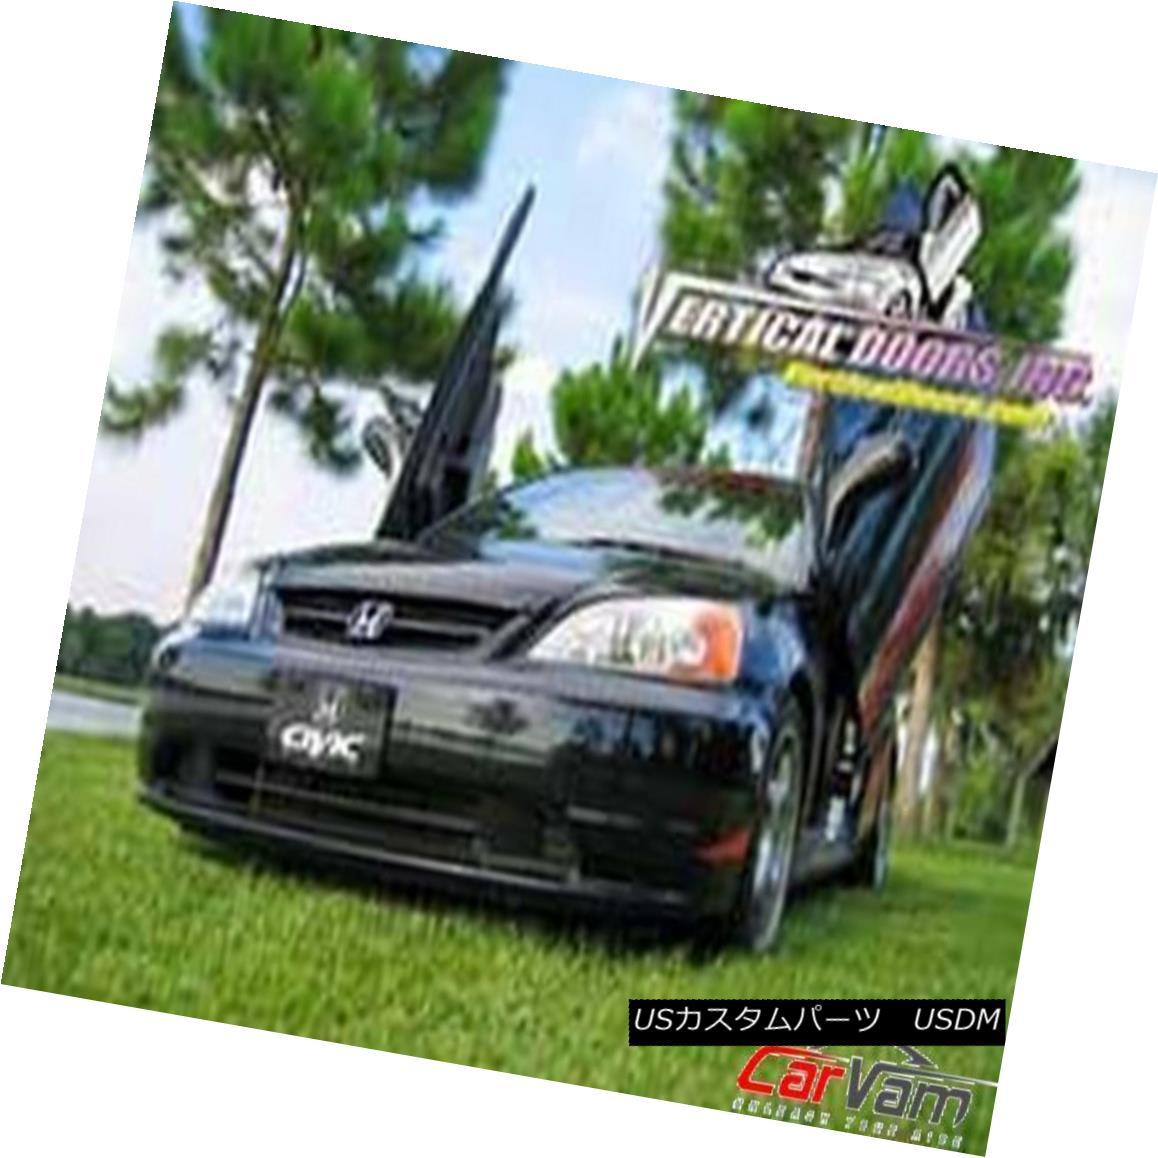 ガルウィングキット Vertical Doors - Vertical Lambo Door Kit For Honda Civic 2001-05 -VDCHC0105 垂直ドア - Honda Civic用の垂直型ランボルフトドアキット2001-05 -VDCHC0105